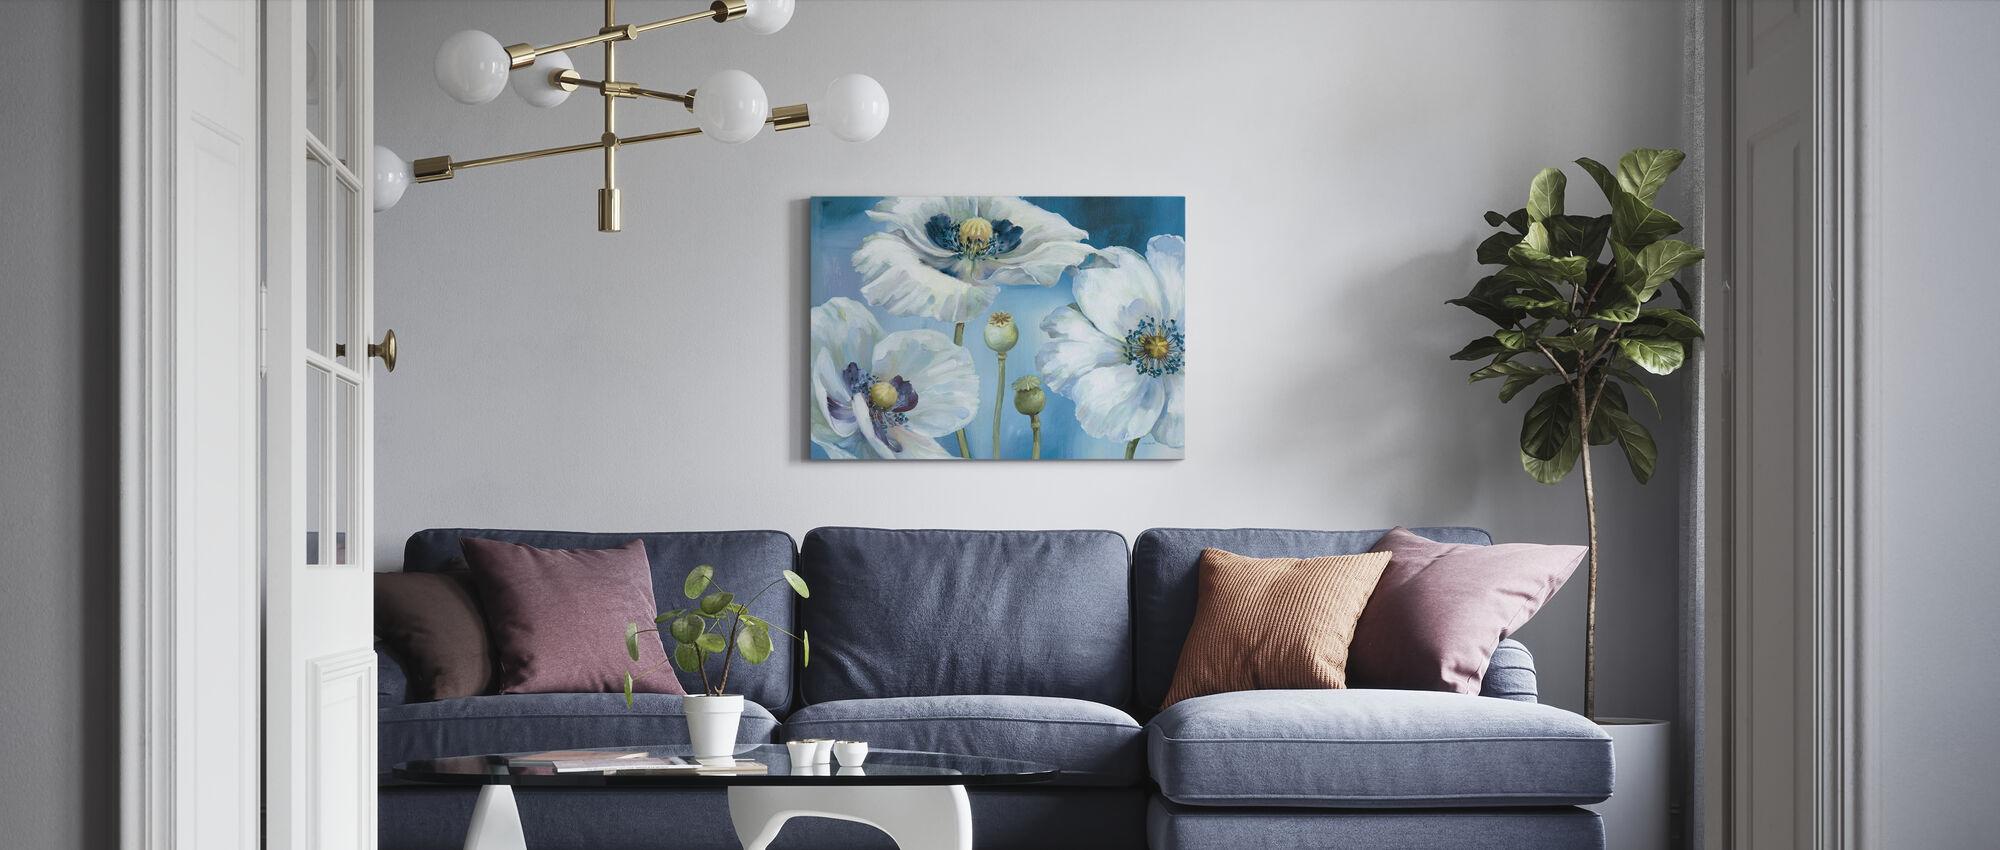 Blauwe Dans - Canvas print - Woonkamer